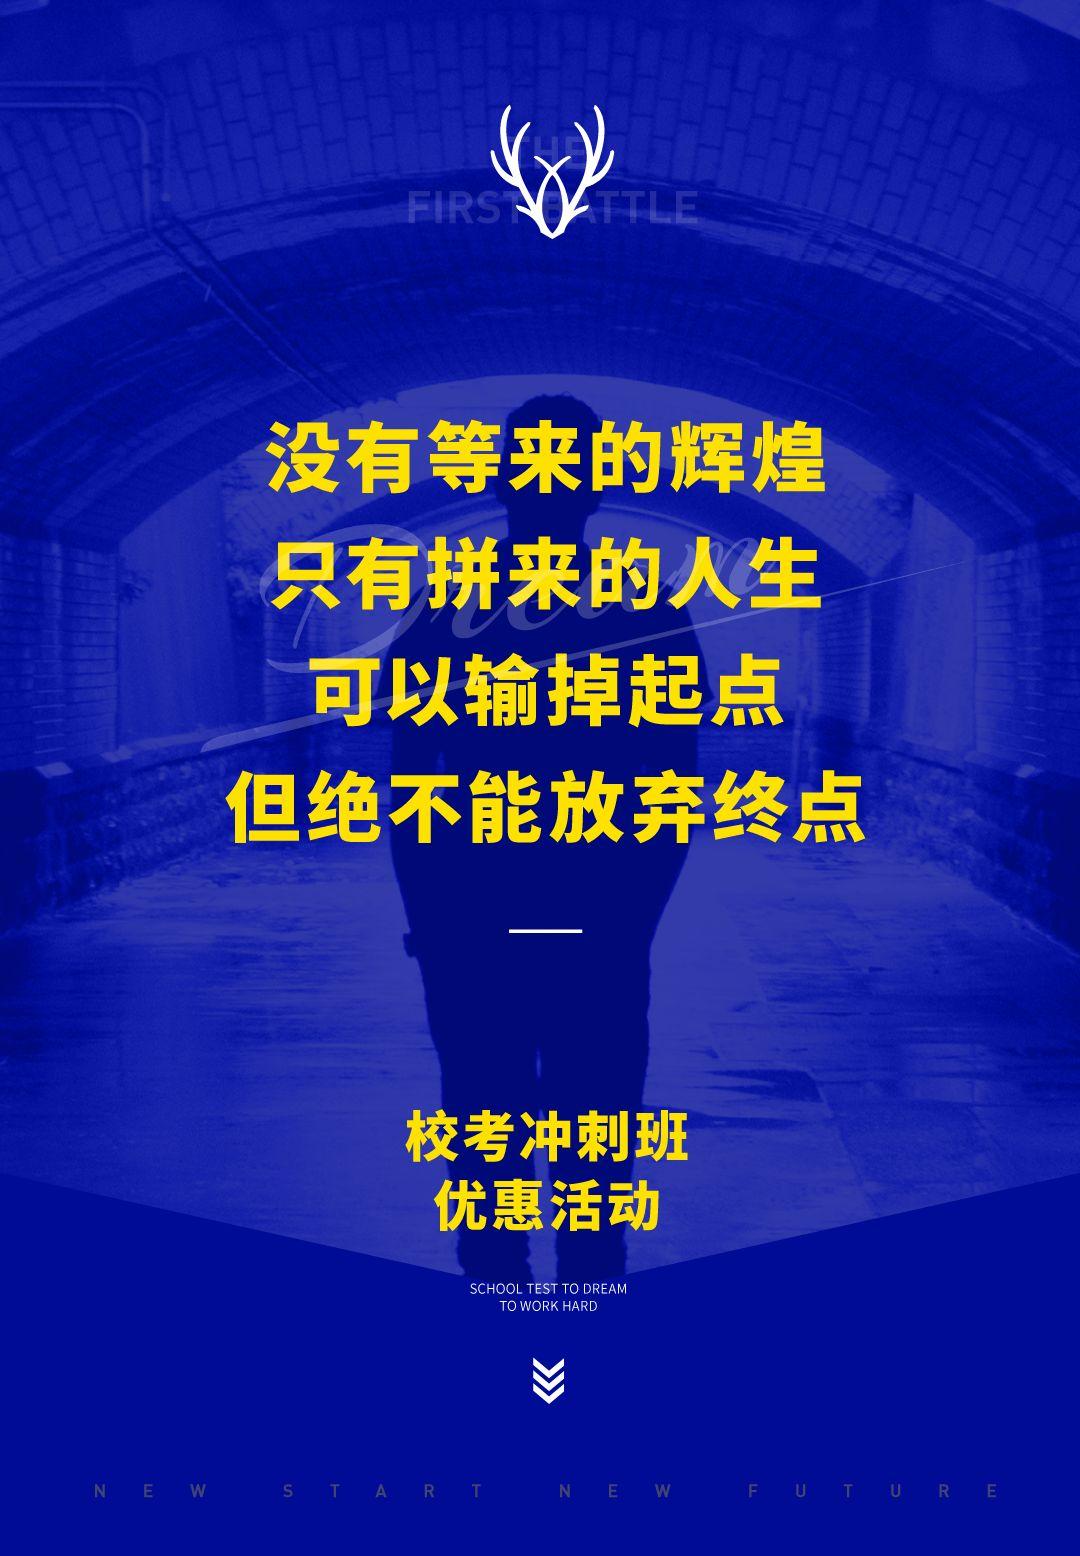 2020杭州白鹿画室校考冲刺班招生简章,杭州画室,杭州美术培训   04